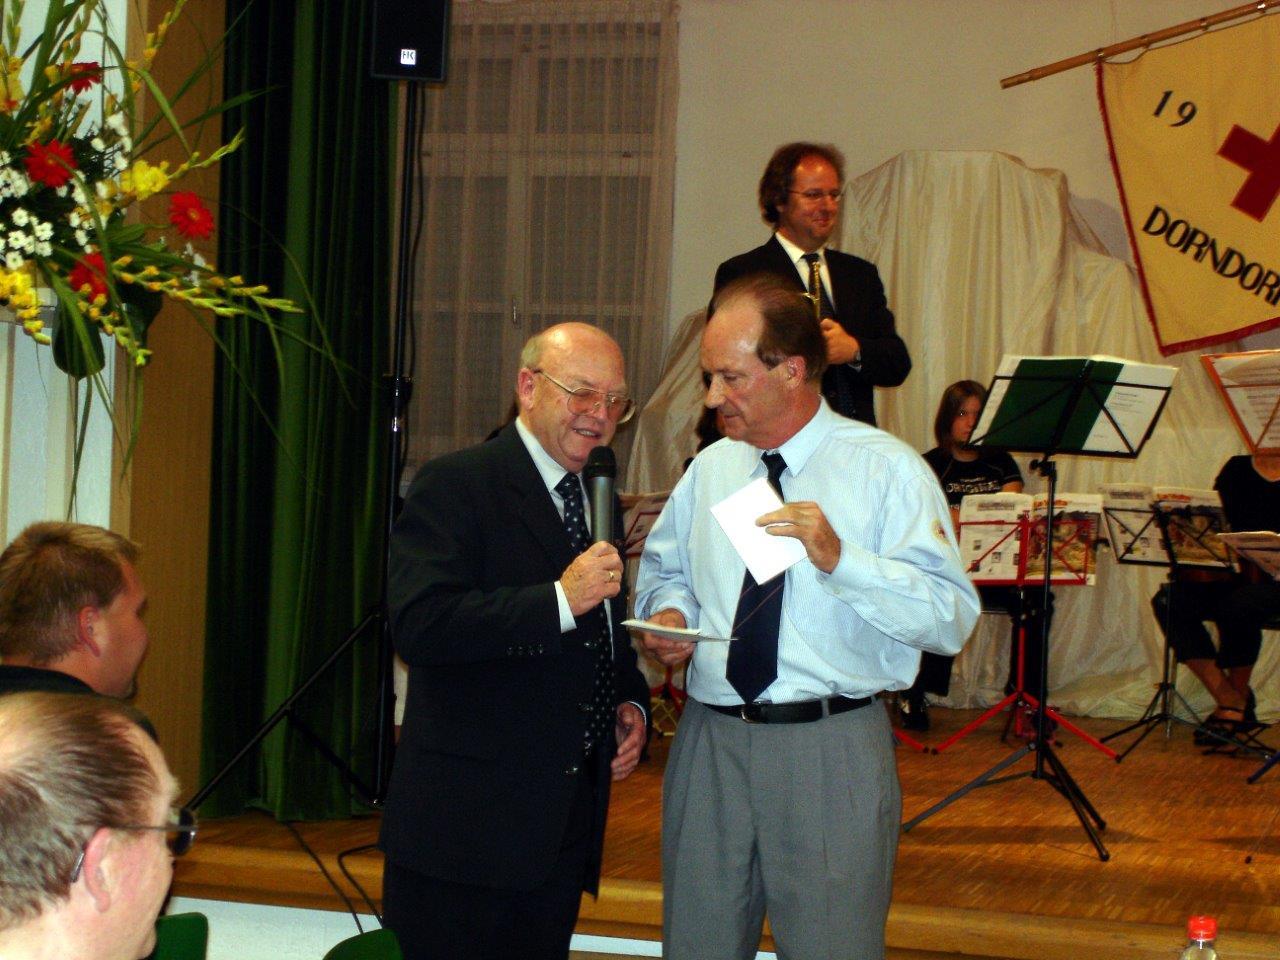 Franz Geisinger und Siegfried Penetti begrüßen die Gäste